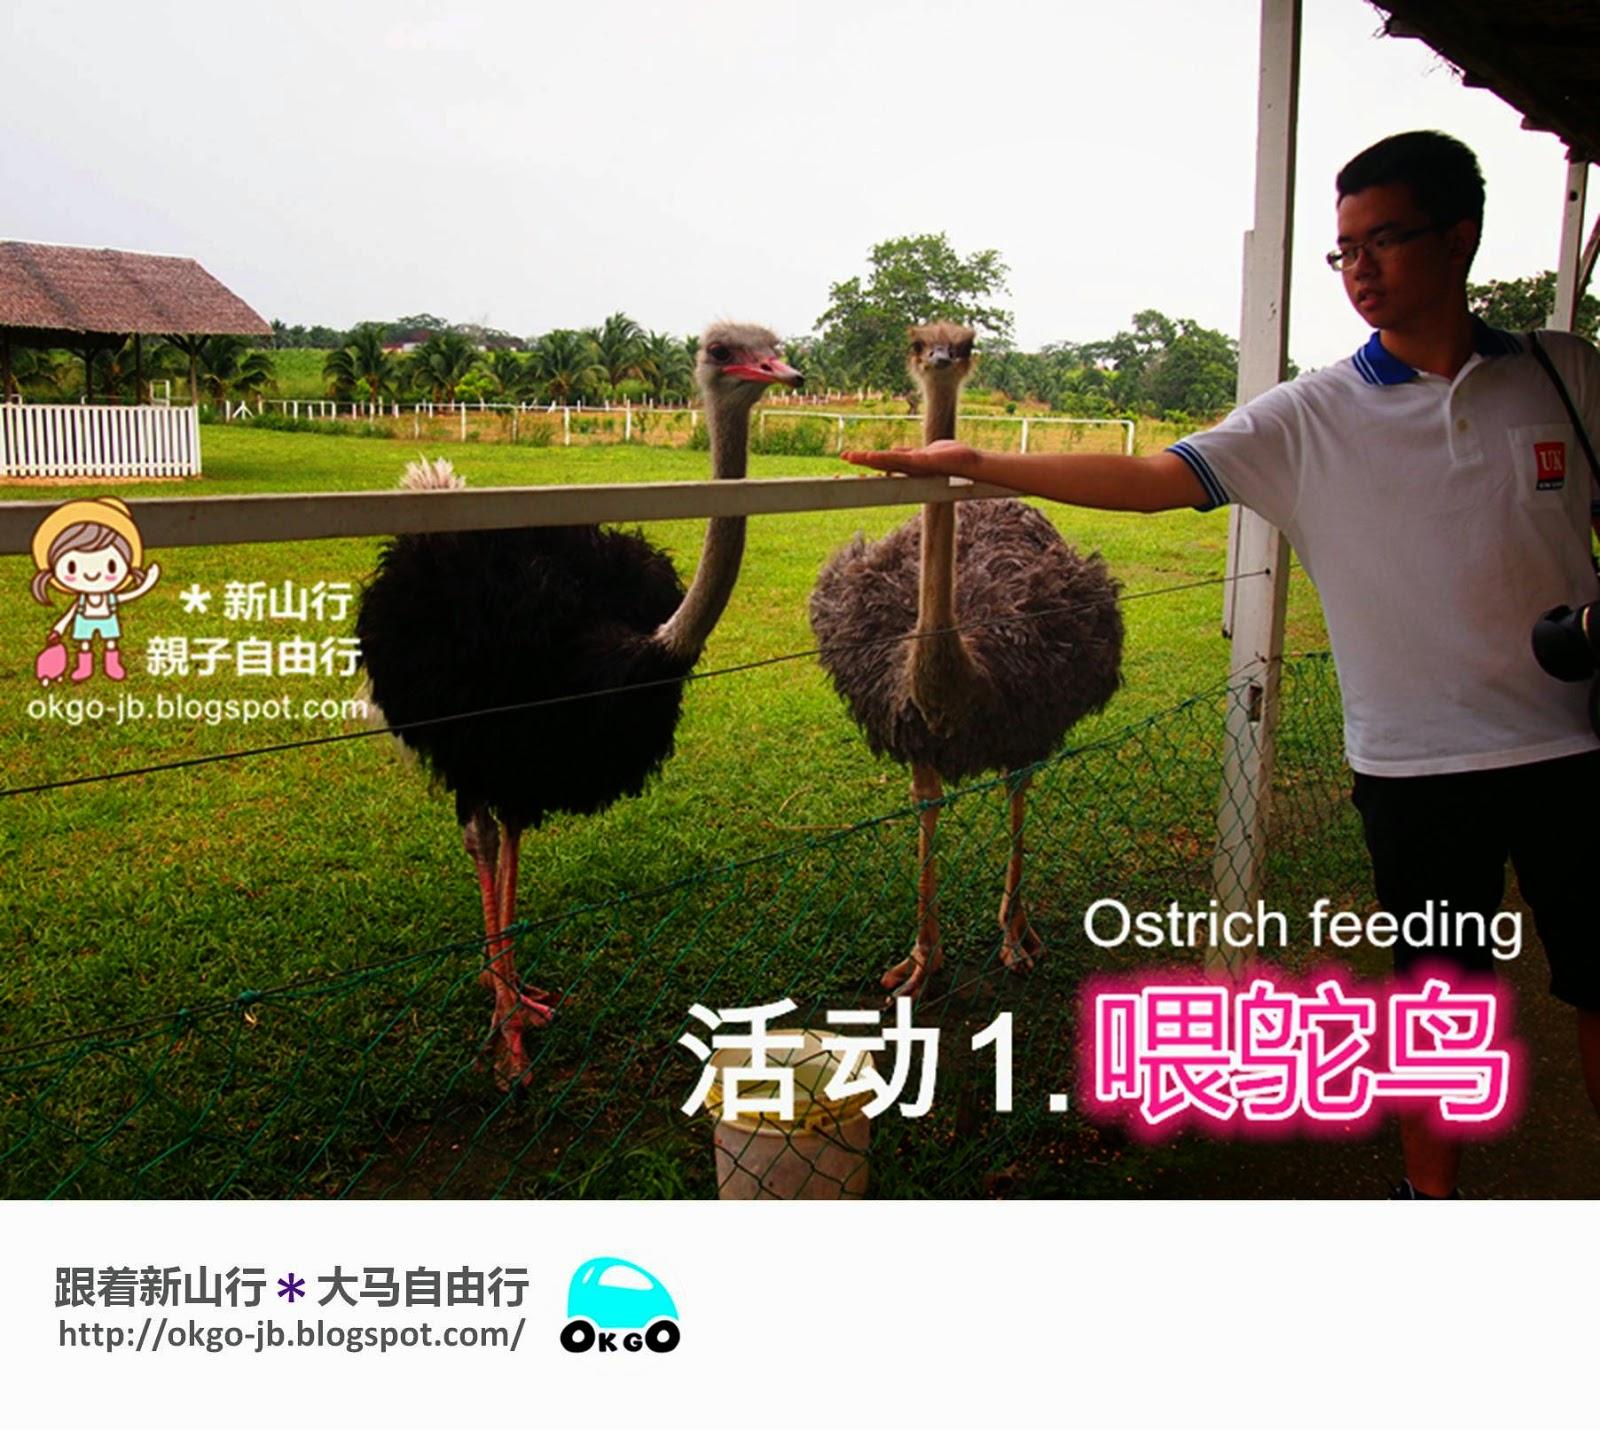 Kluang UK Farm ostrich feeding